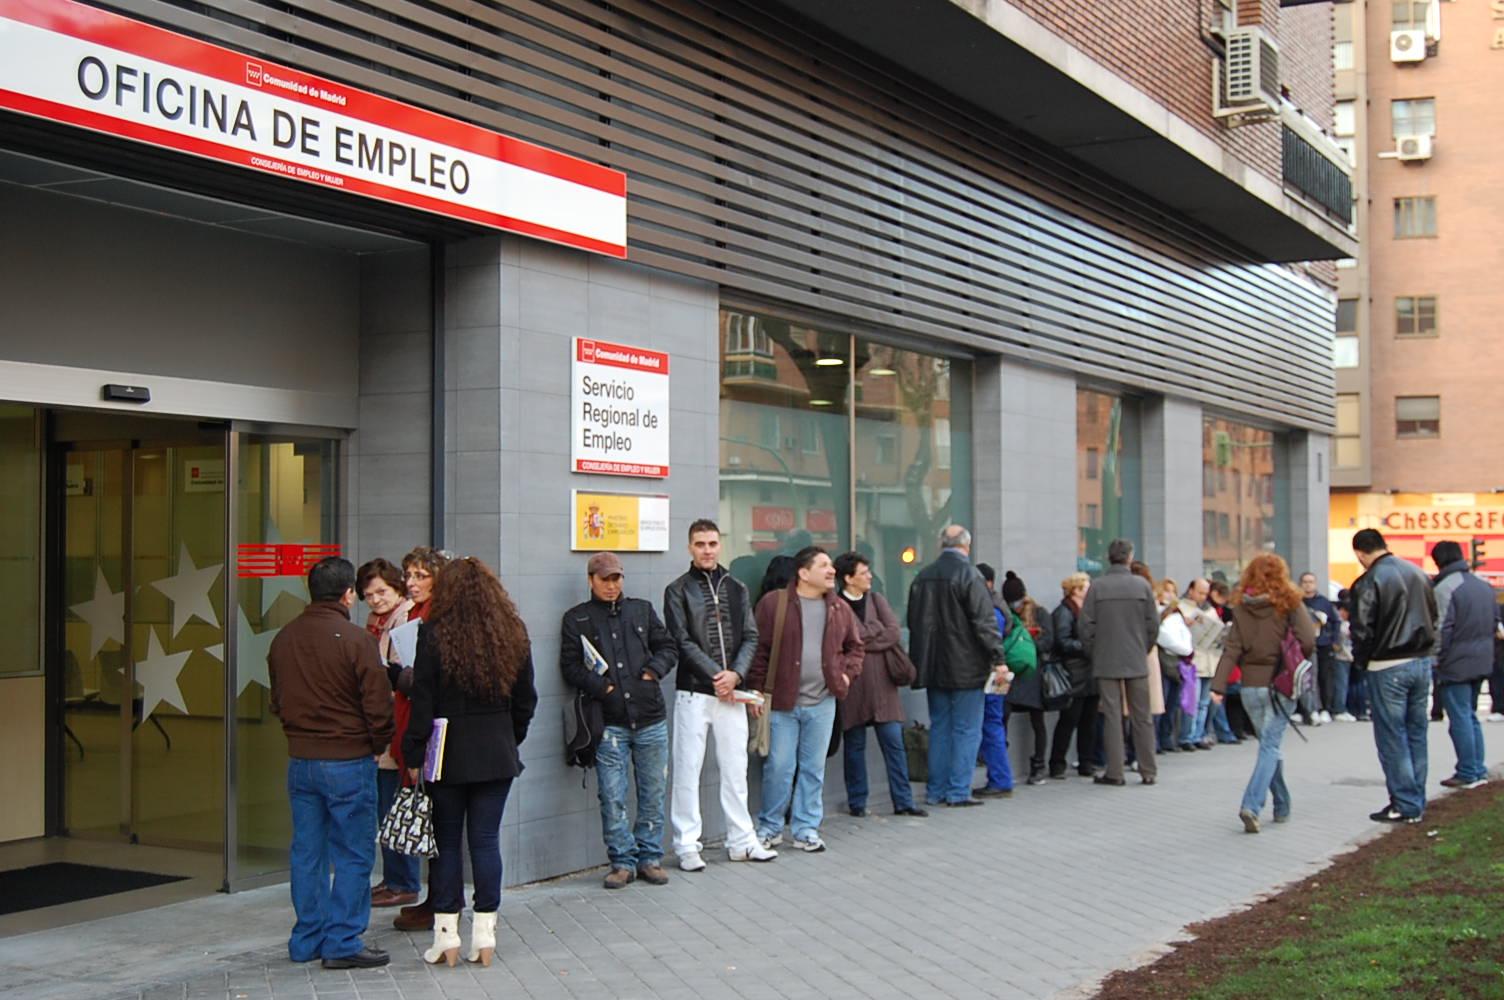 España figuraba como el país con más desempleo de los Veintisiete en mayo, con un 14.5%.   Ámbito financiero.